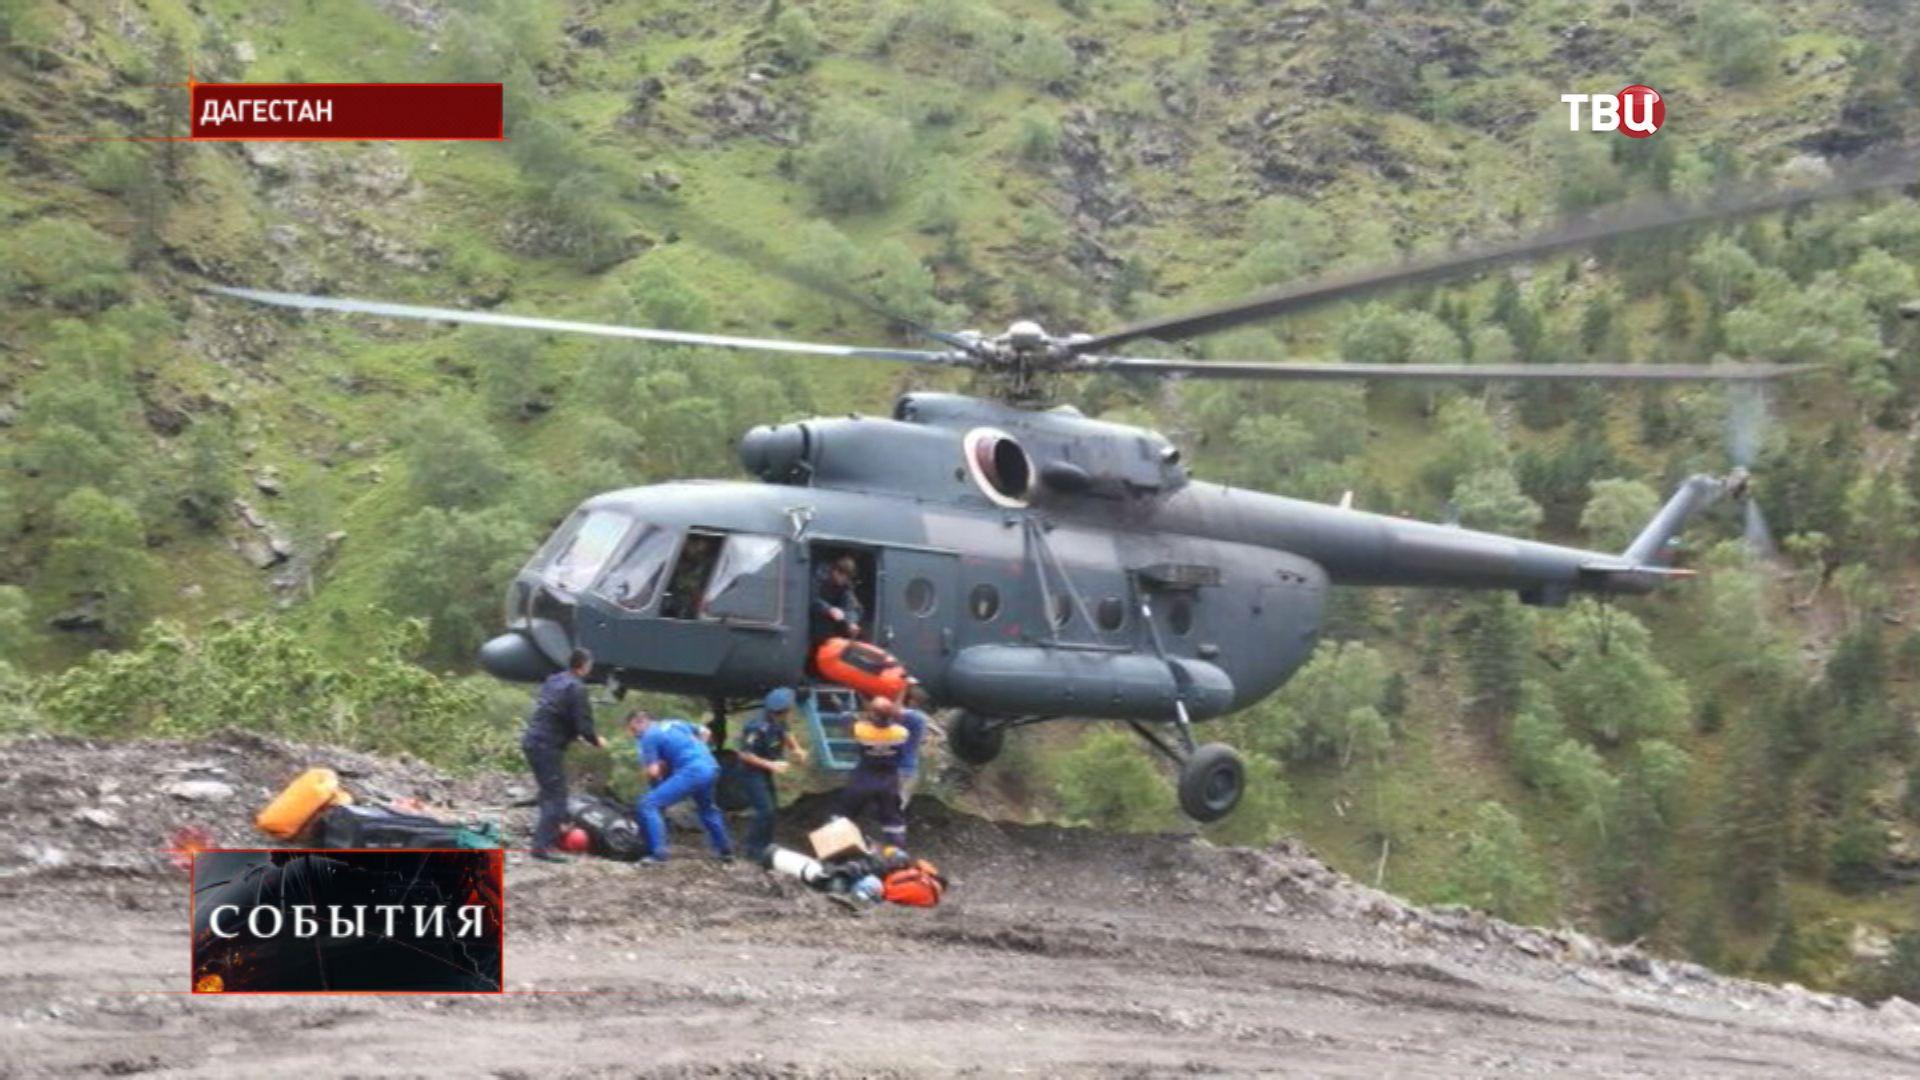 Поисково-спасательная операция в Дагестане